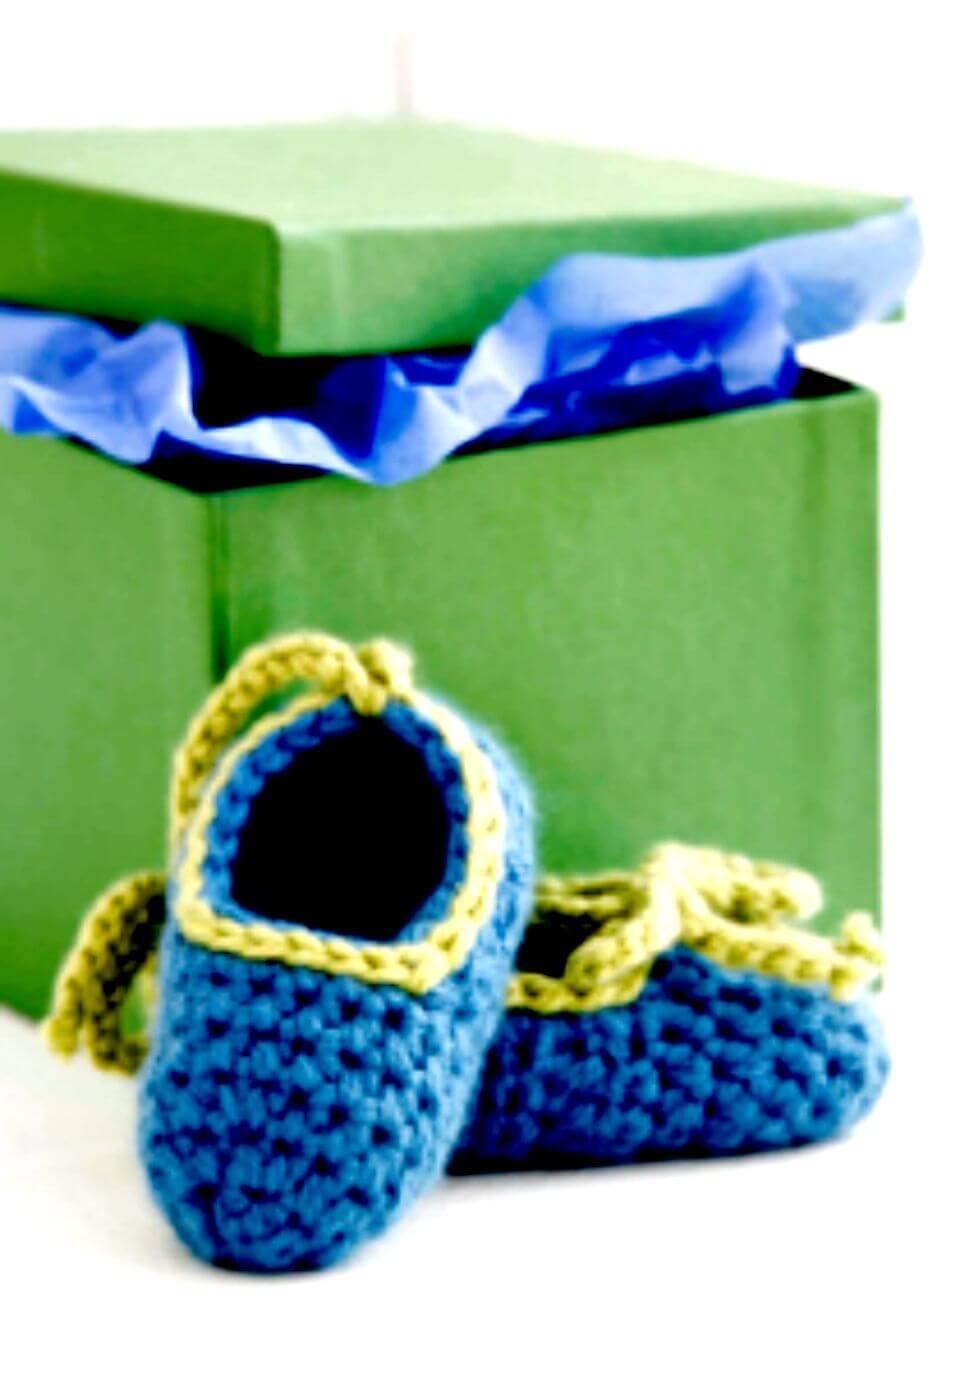 Proyecto simple y gratuito de botín de bebé de ganchillo para amigos y organizaciones benéficas